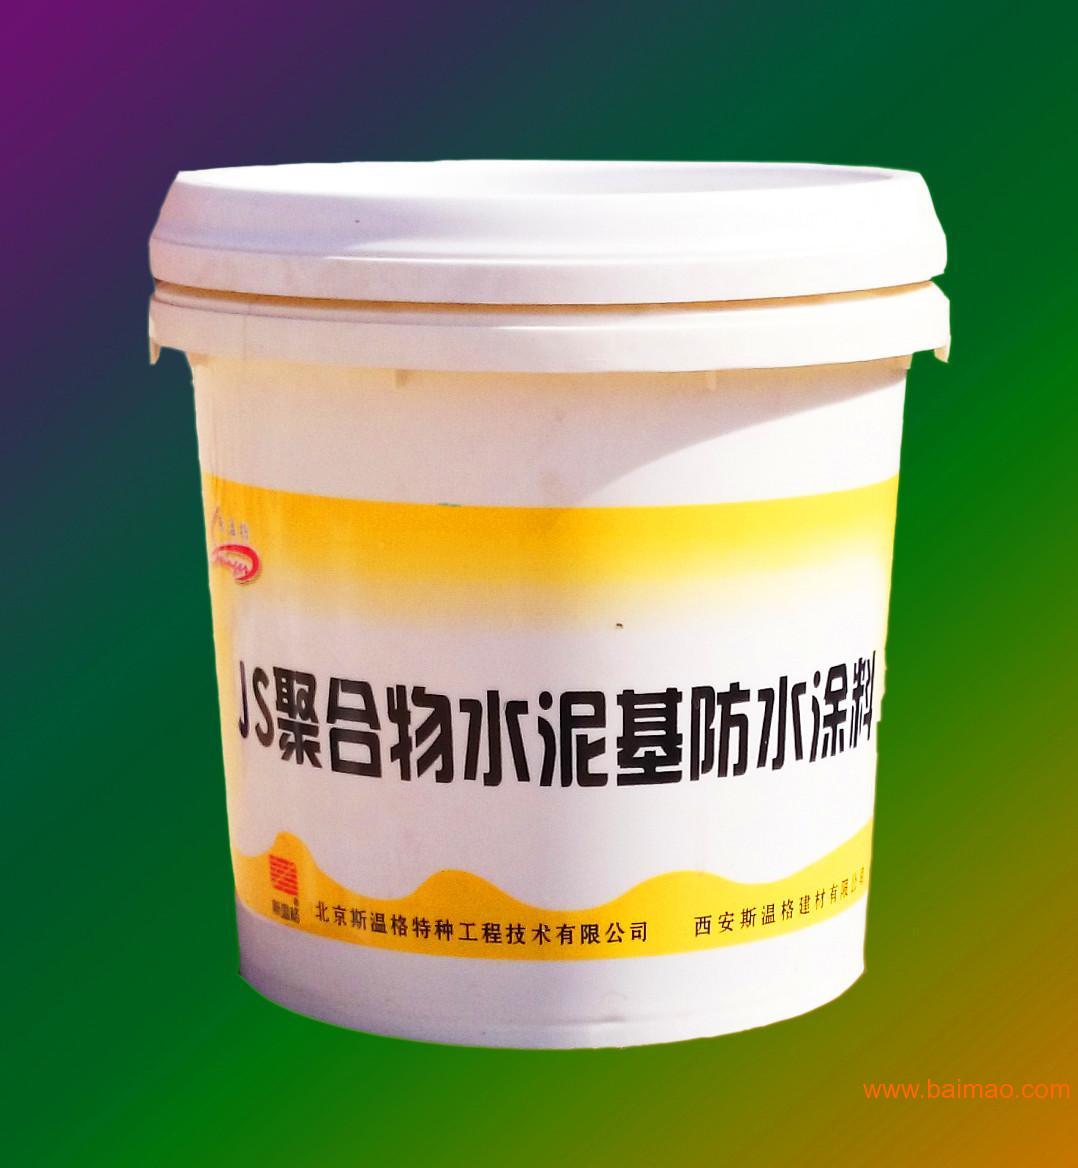 西安斯温格建材有限责任公司批发供应快速堵漏剂,彩色勾缝剂,瓷砖粘结剂,聚合物保温砂浆